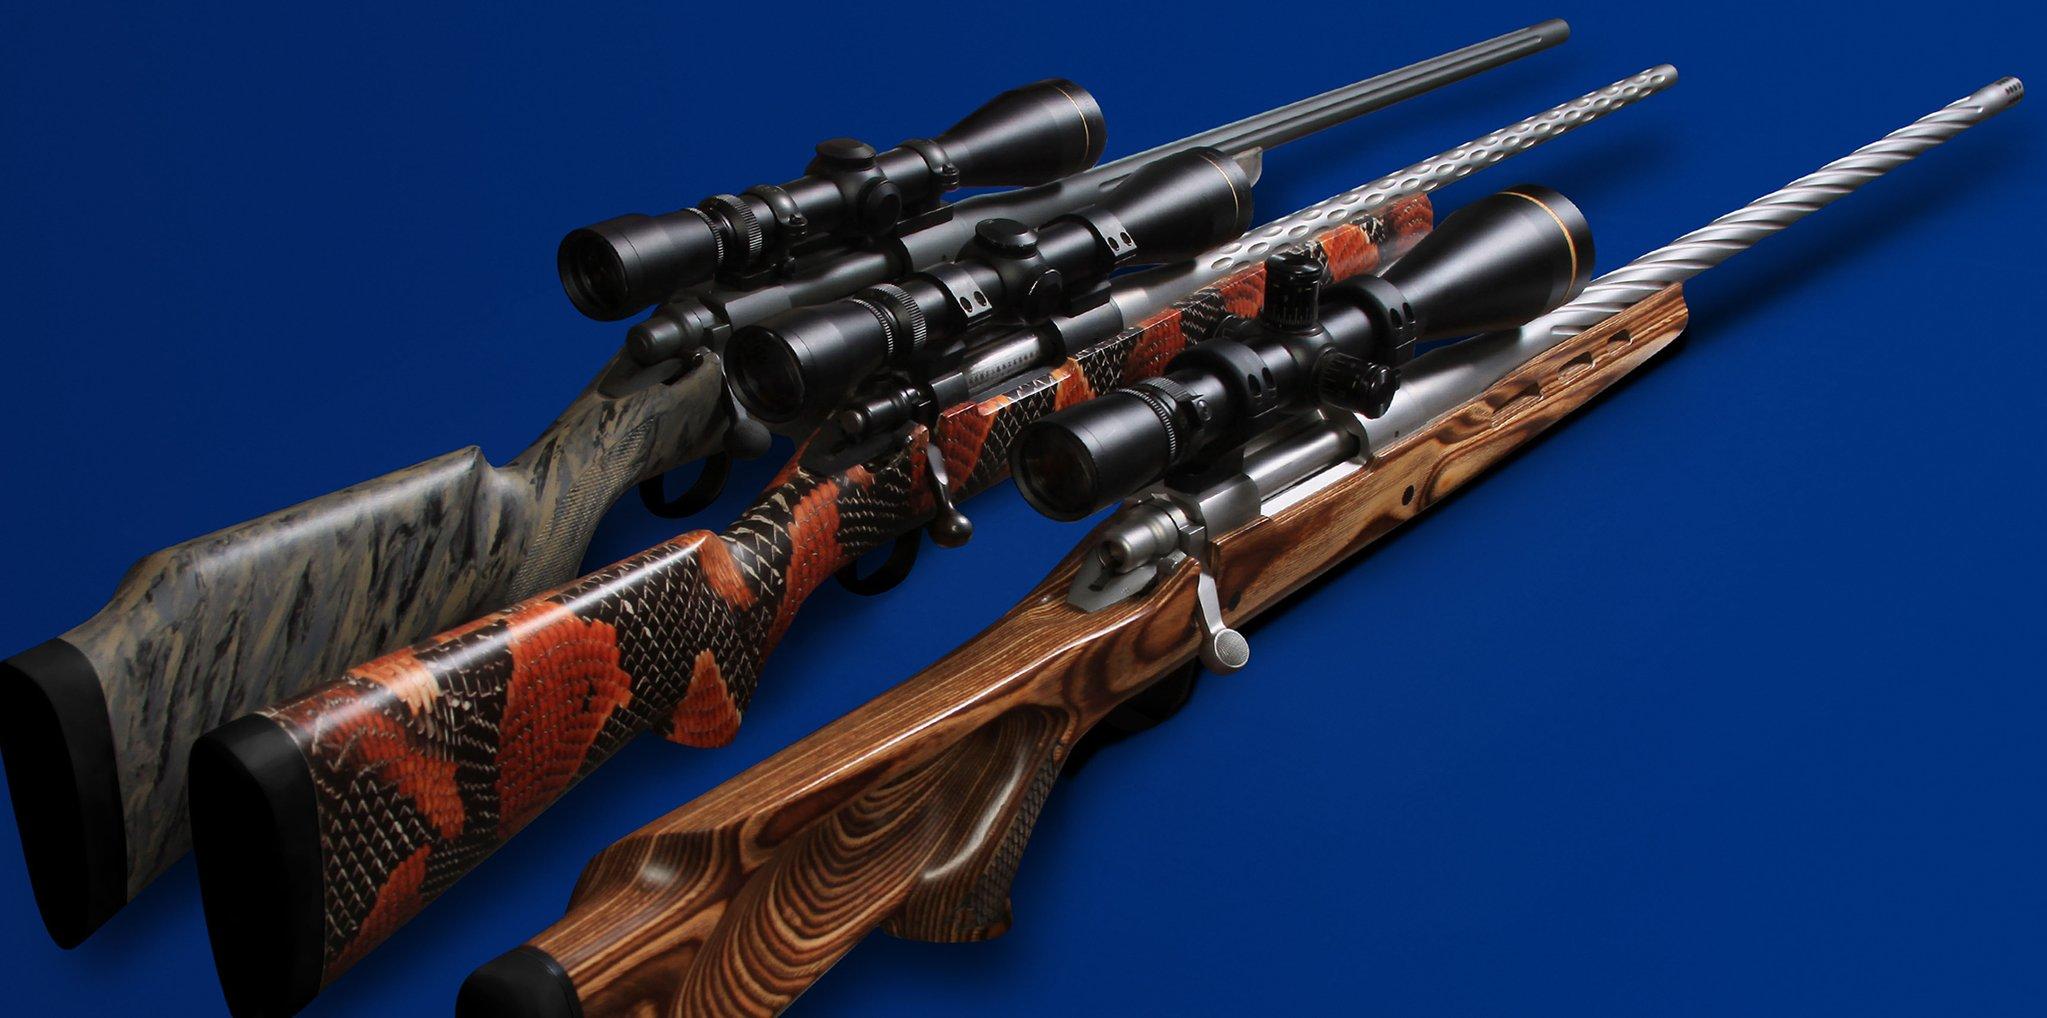 Rebarreling Services | Rebarrel a Rifle | Hart Rifle Barrels